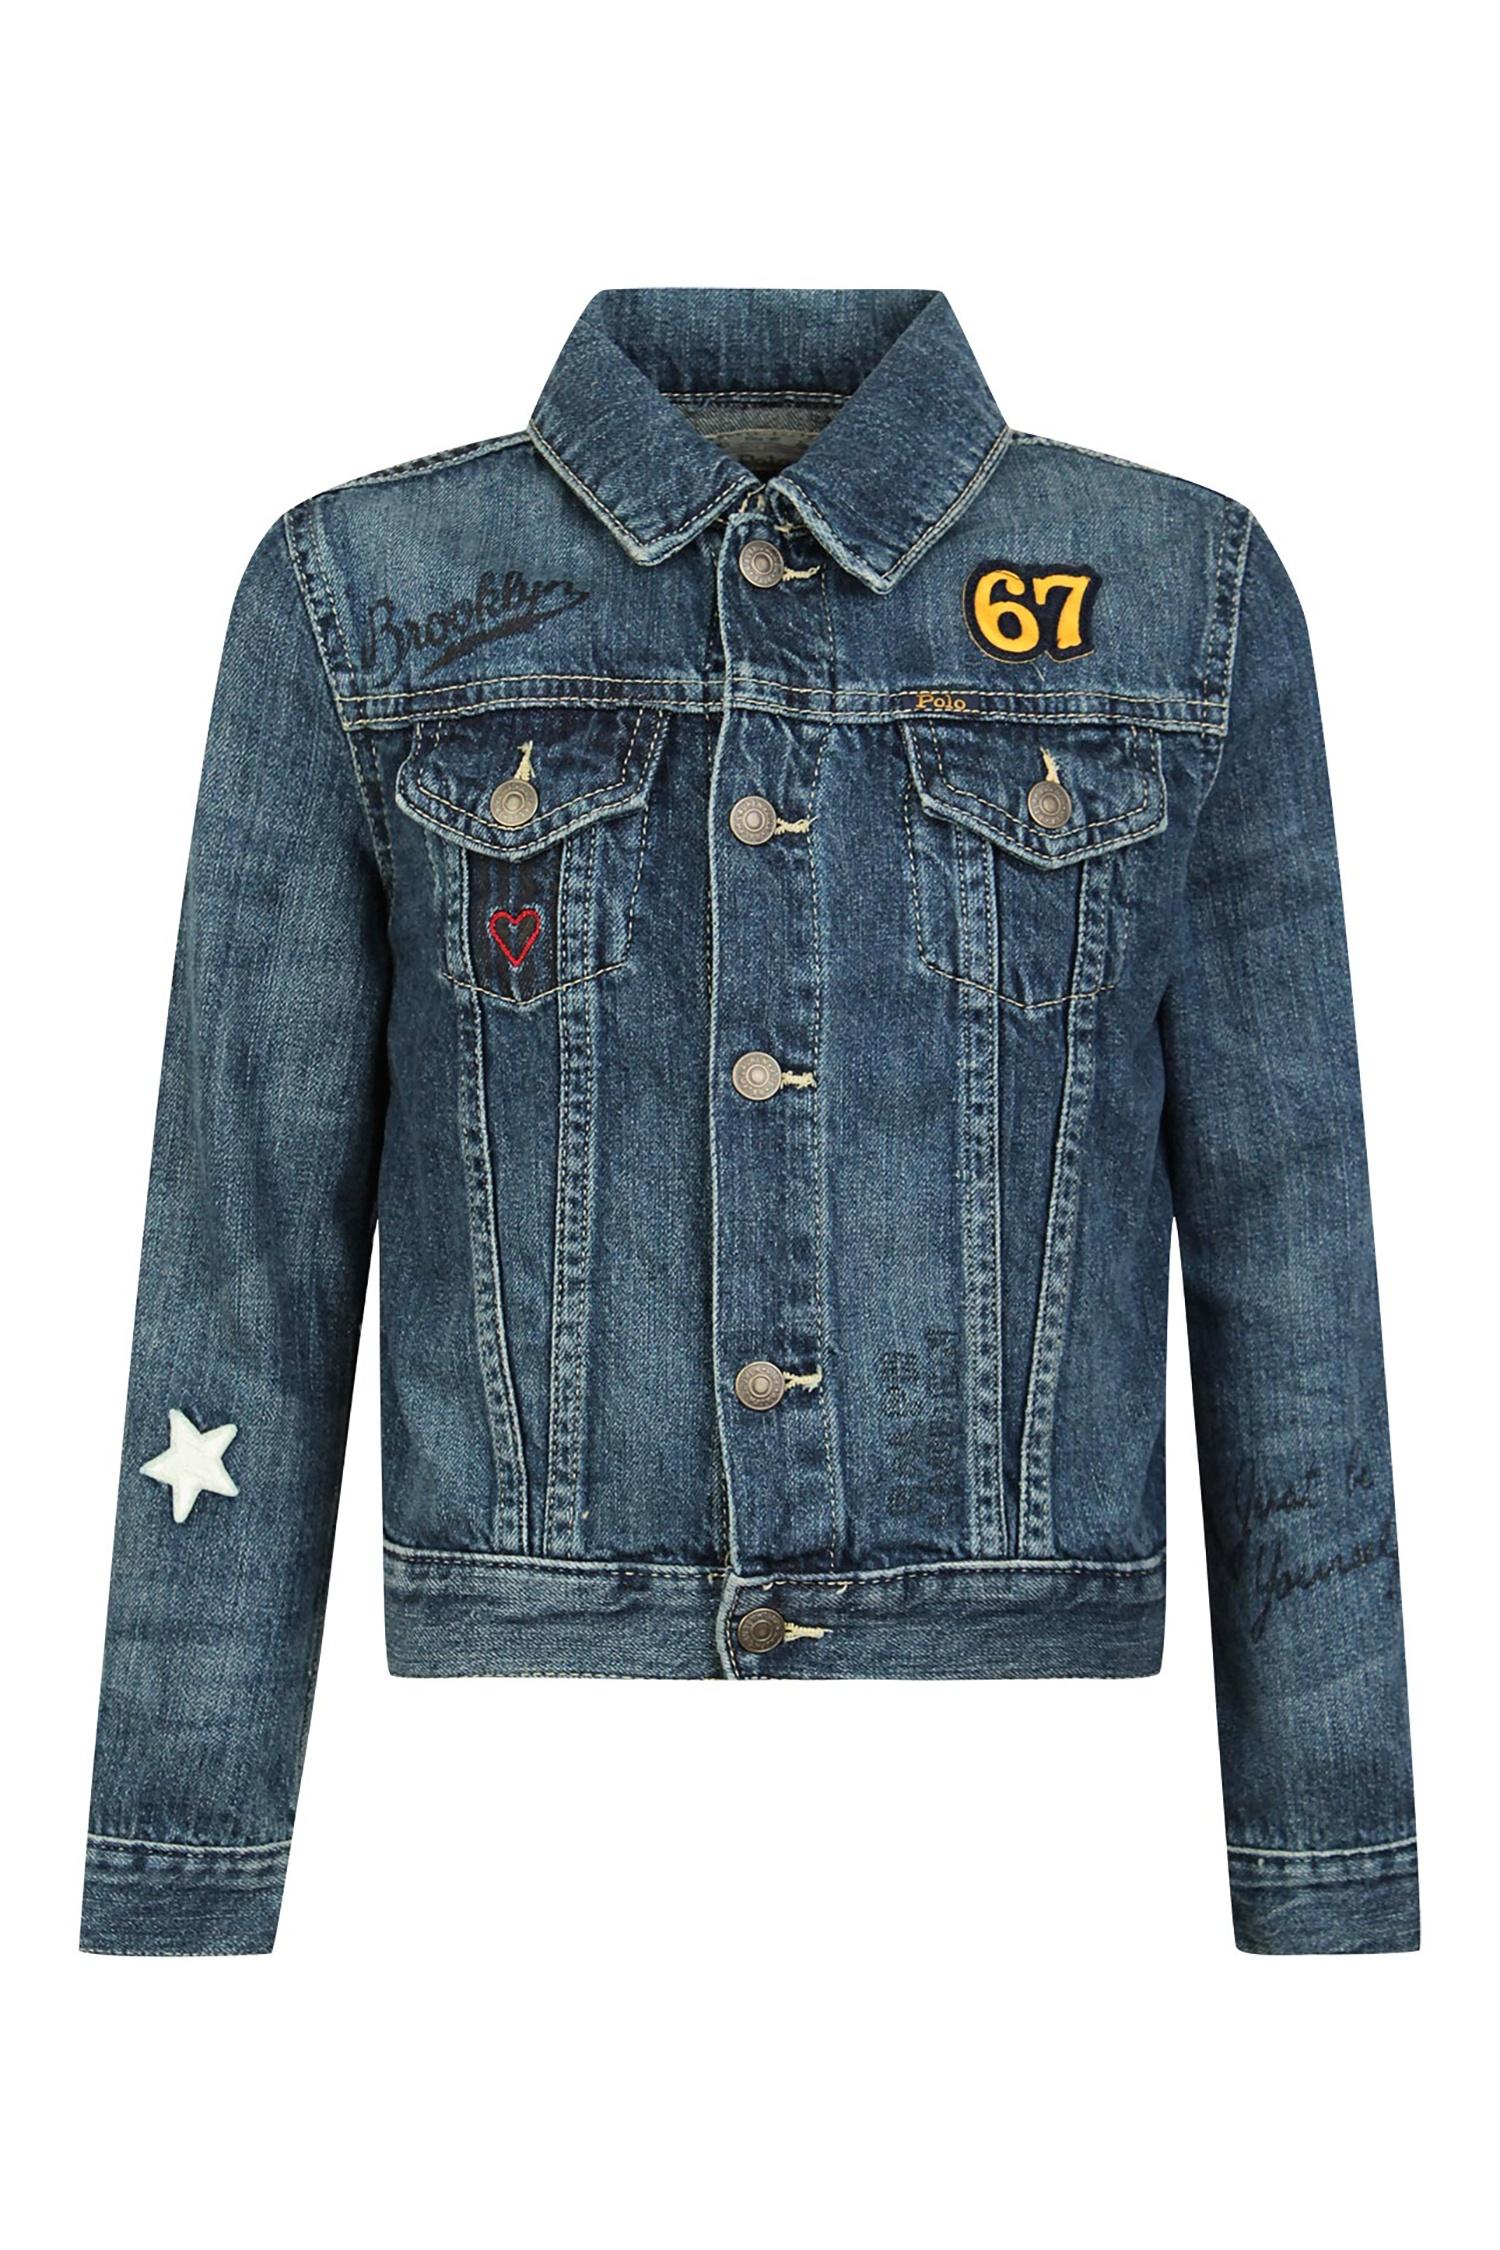 e189f921bf1 Джинсовая куртка с нашивками Polo Ralph Lauren Kids (фото). Подпишитесь на  наши новости